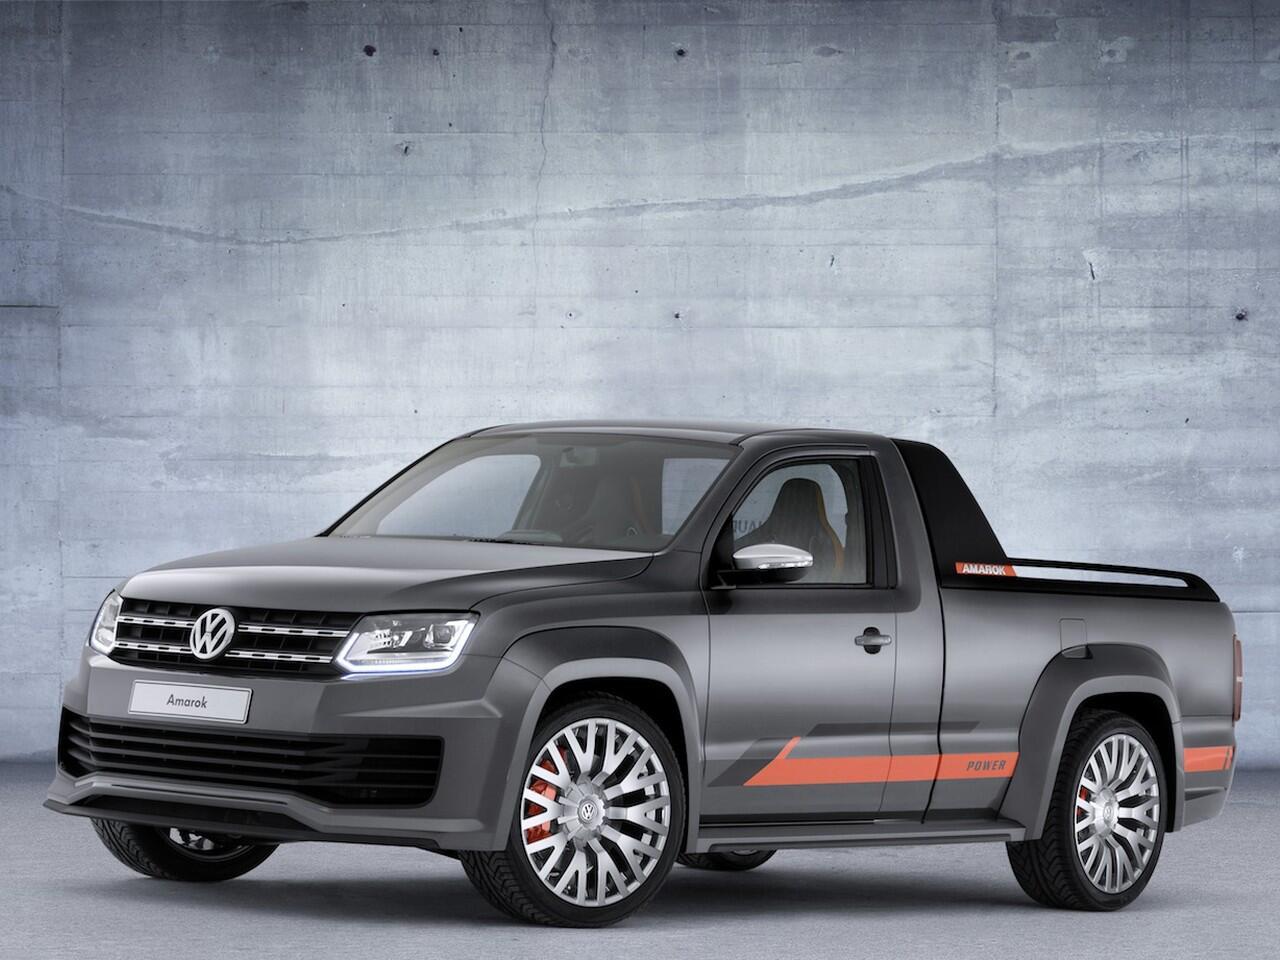 Bild zu VW Amarok Power